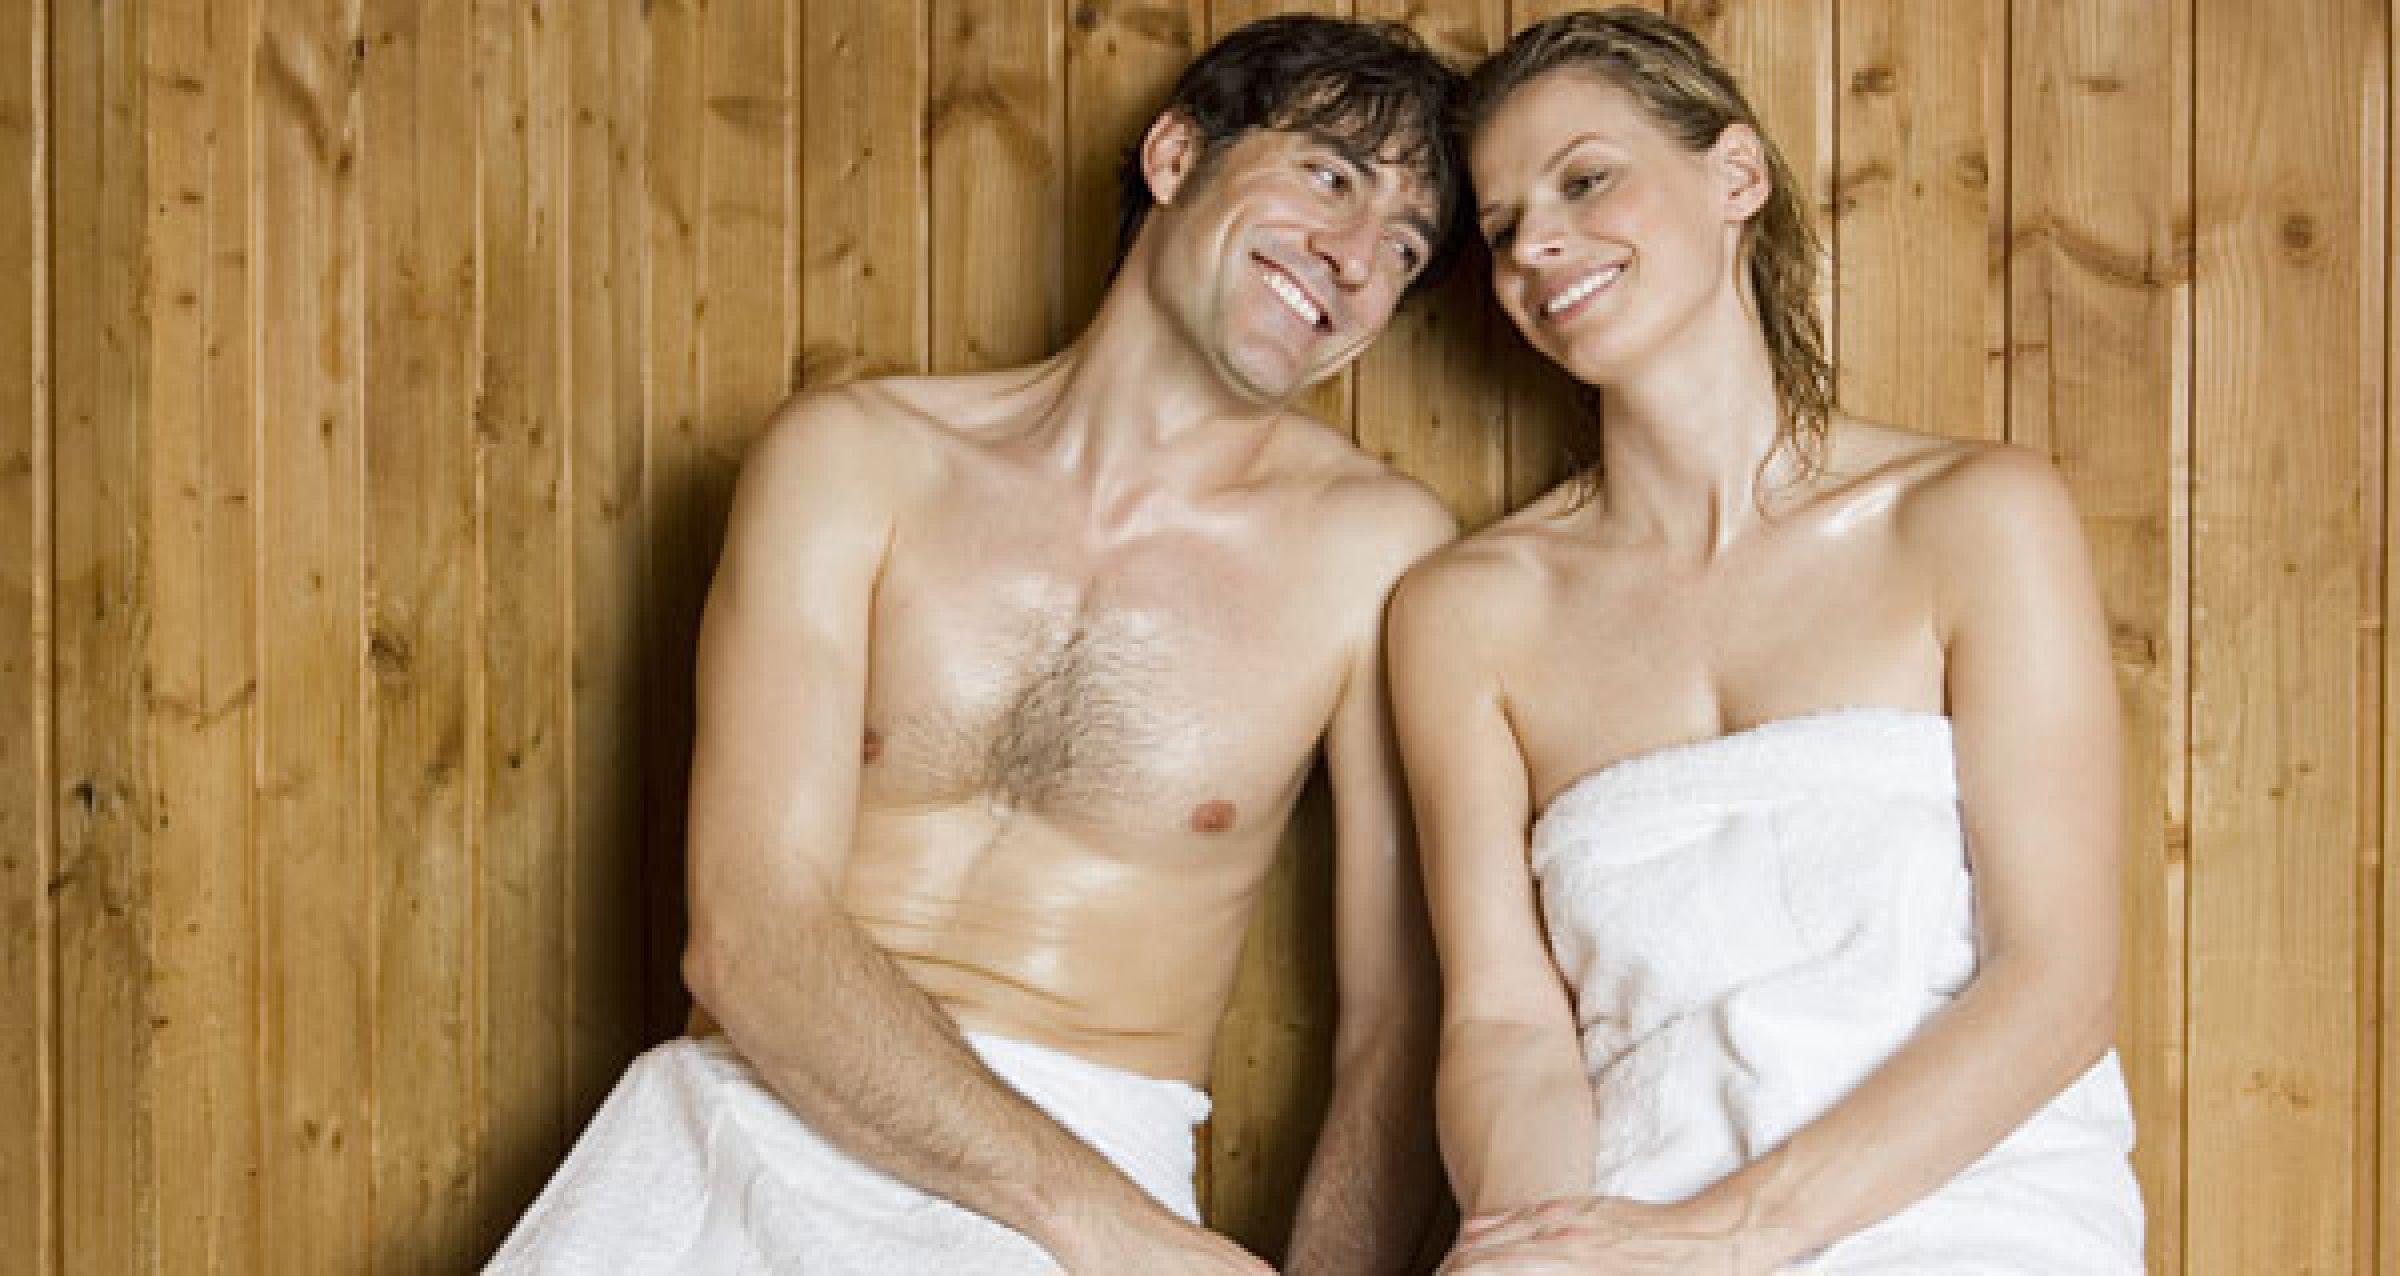 Спят в бане, Сонник Спать в бане видеть. К чему снится Спать в бане 26 фотография